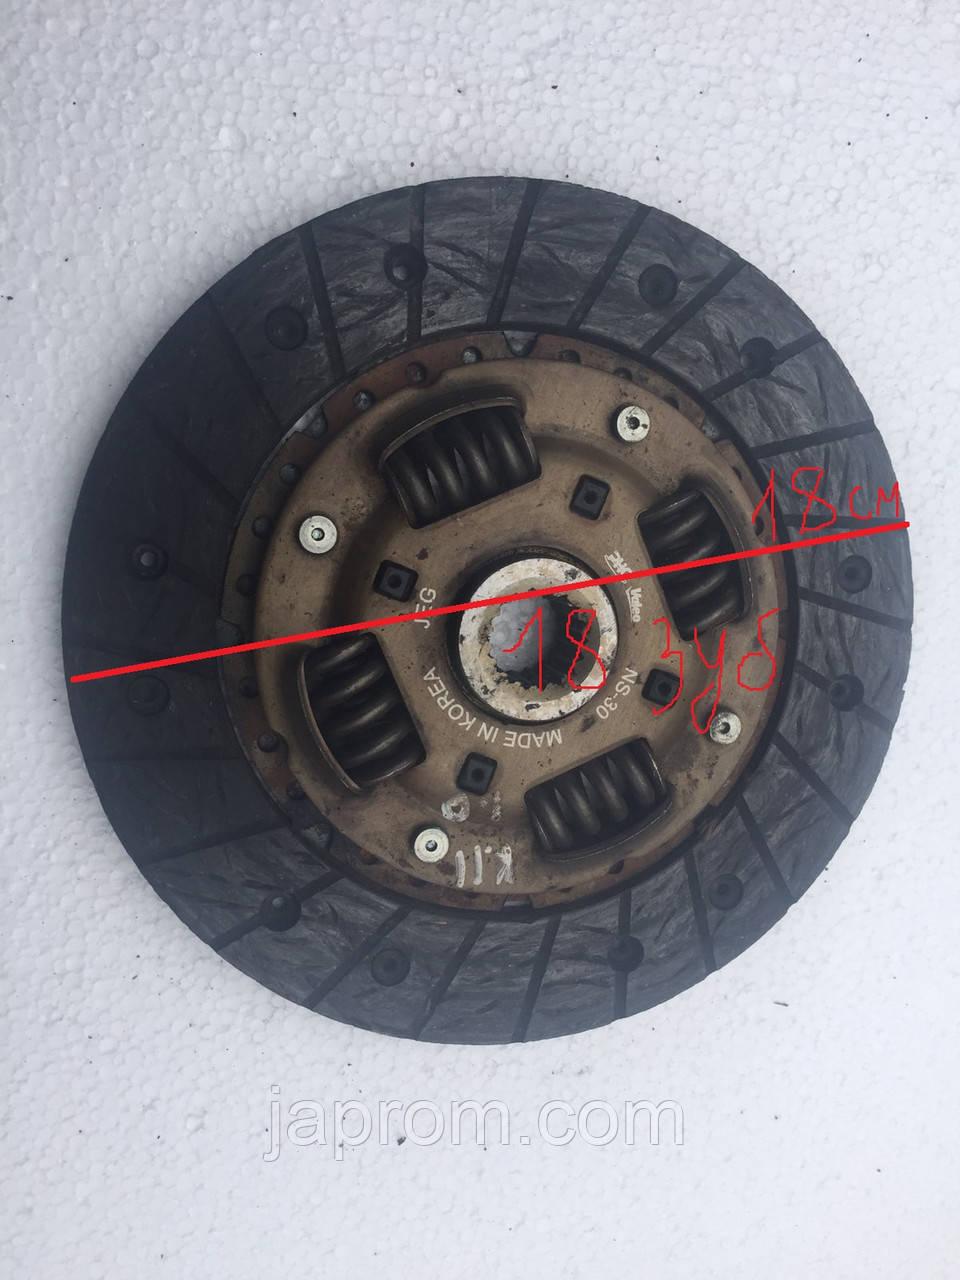 Диск сцепления Nissan Almera N15 Sunny GA14 1.4 бензин Micra K11 1.3 180мм 18зуб. 9мм.толщ.